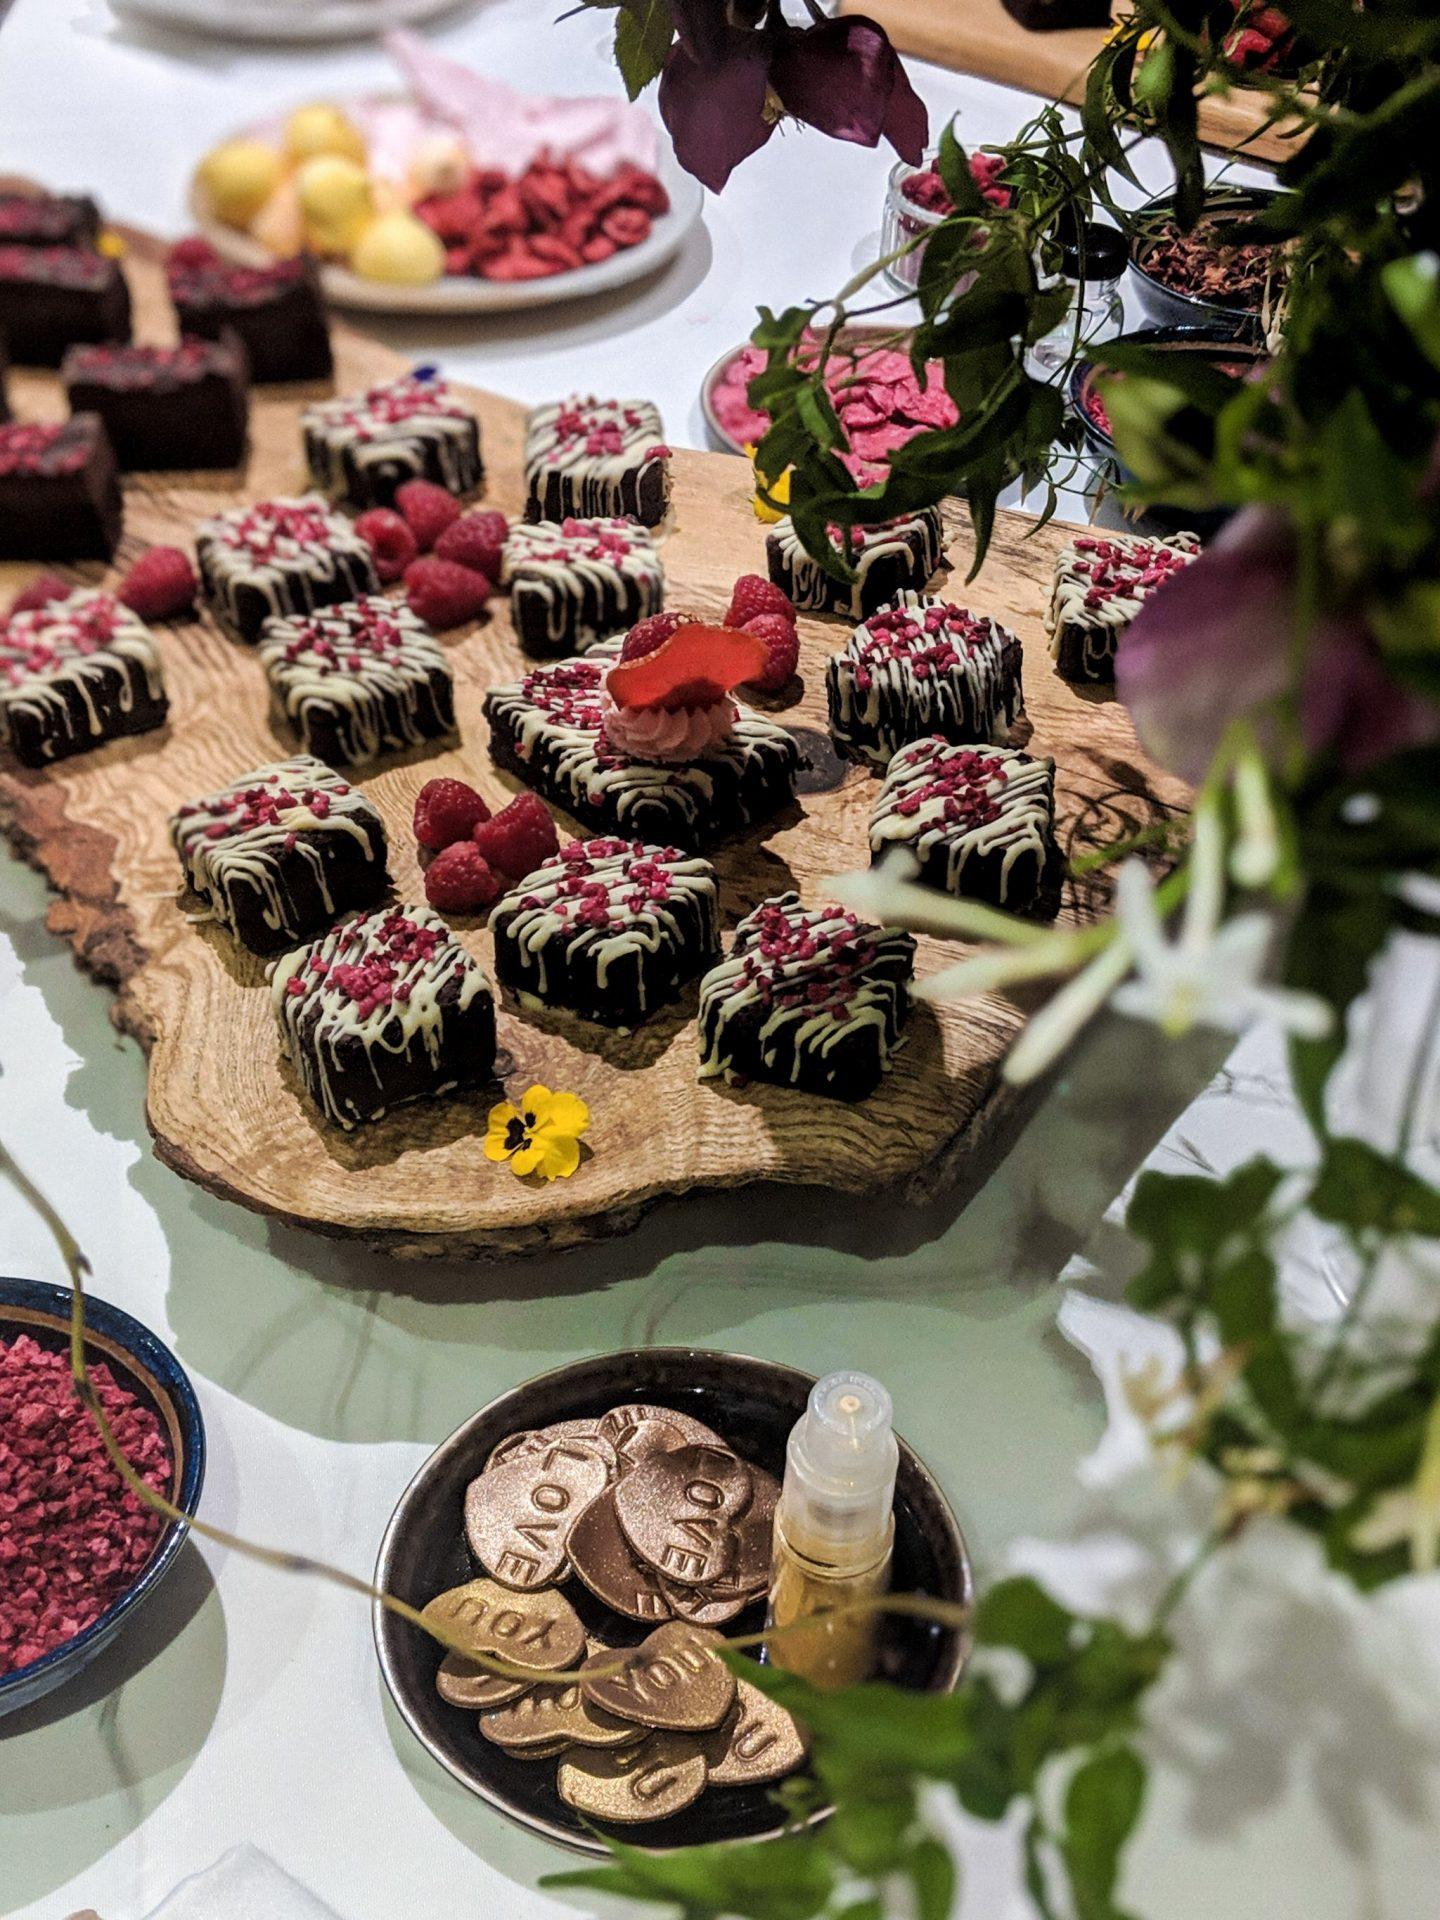 Gourmet-Brownies-Ely